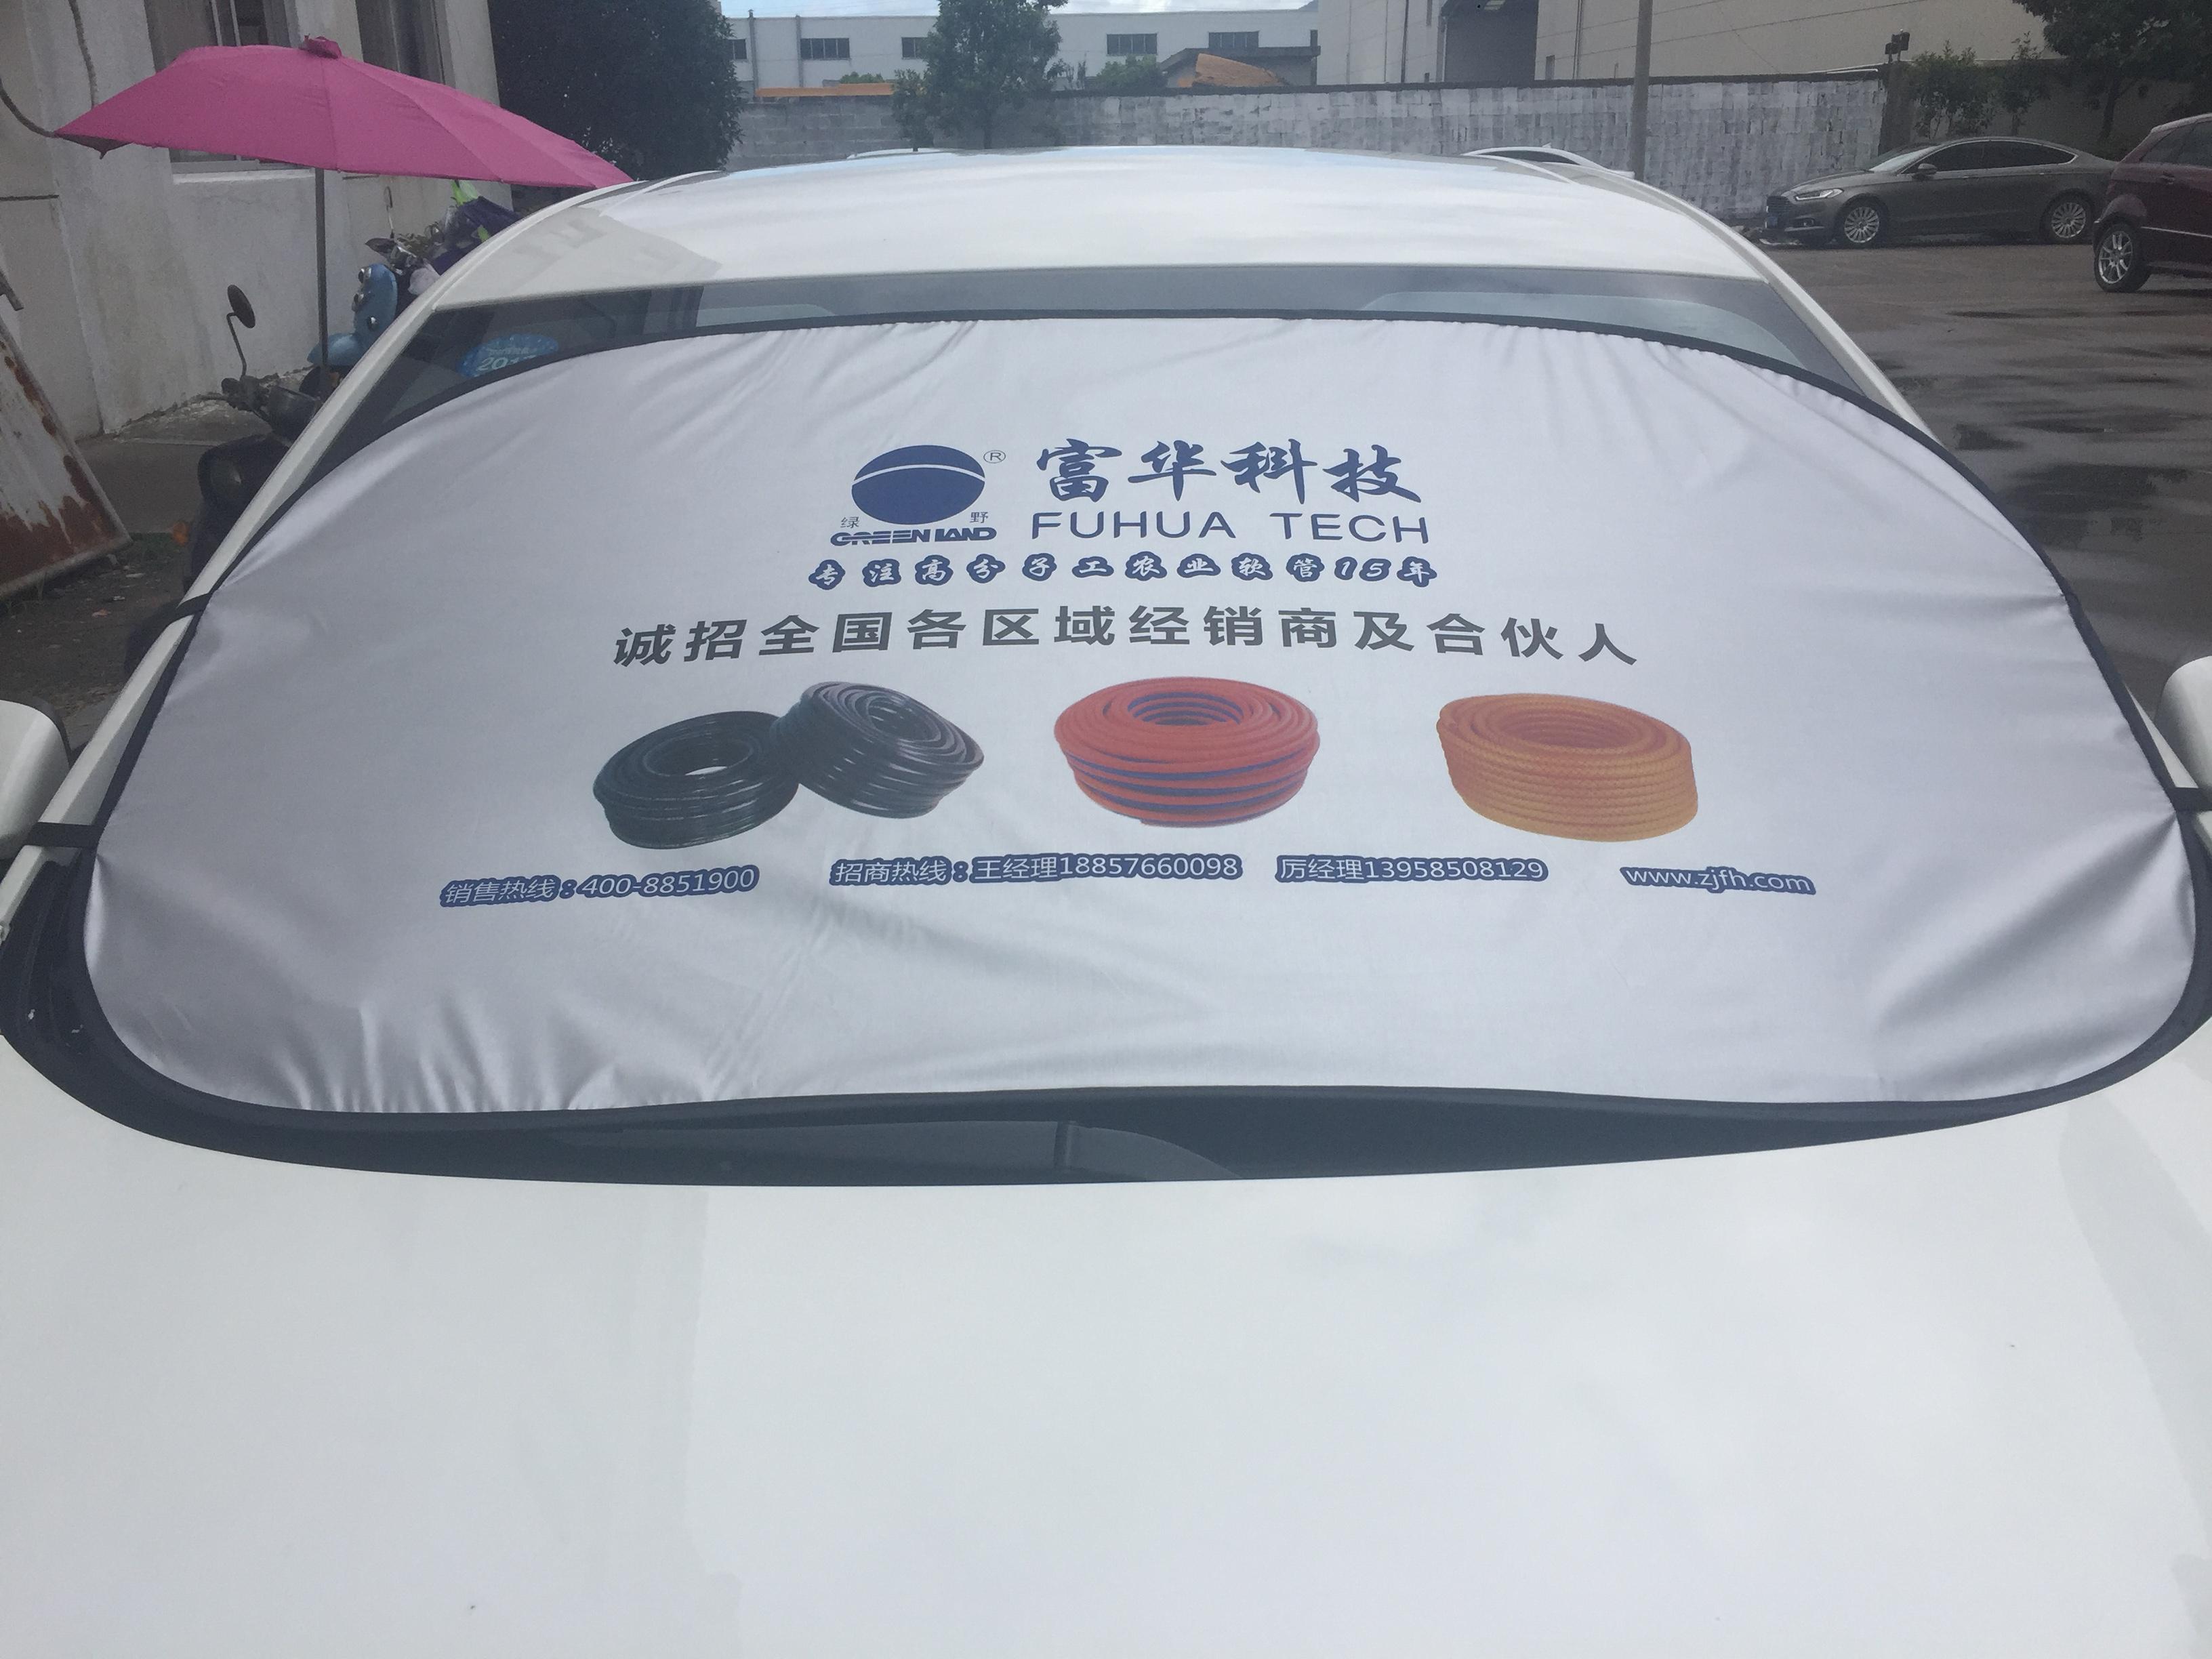 السيارات واقية من العزل الحراري الأمامي ظلة مخصص تخصيص الإعلانات كتلة الشمس واقي من الشمس الطباعة طباعة الشعار